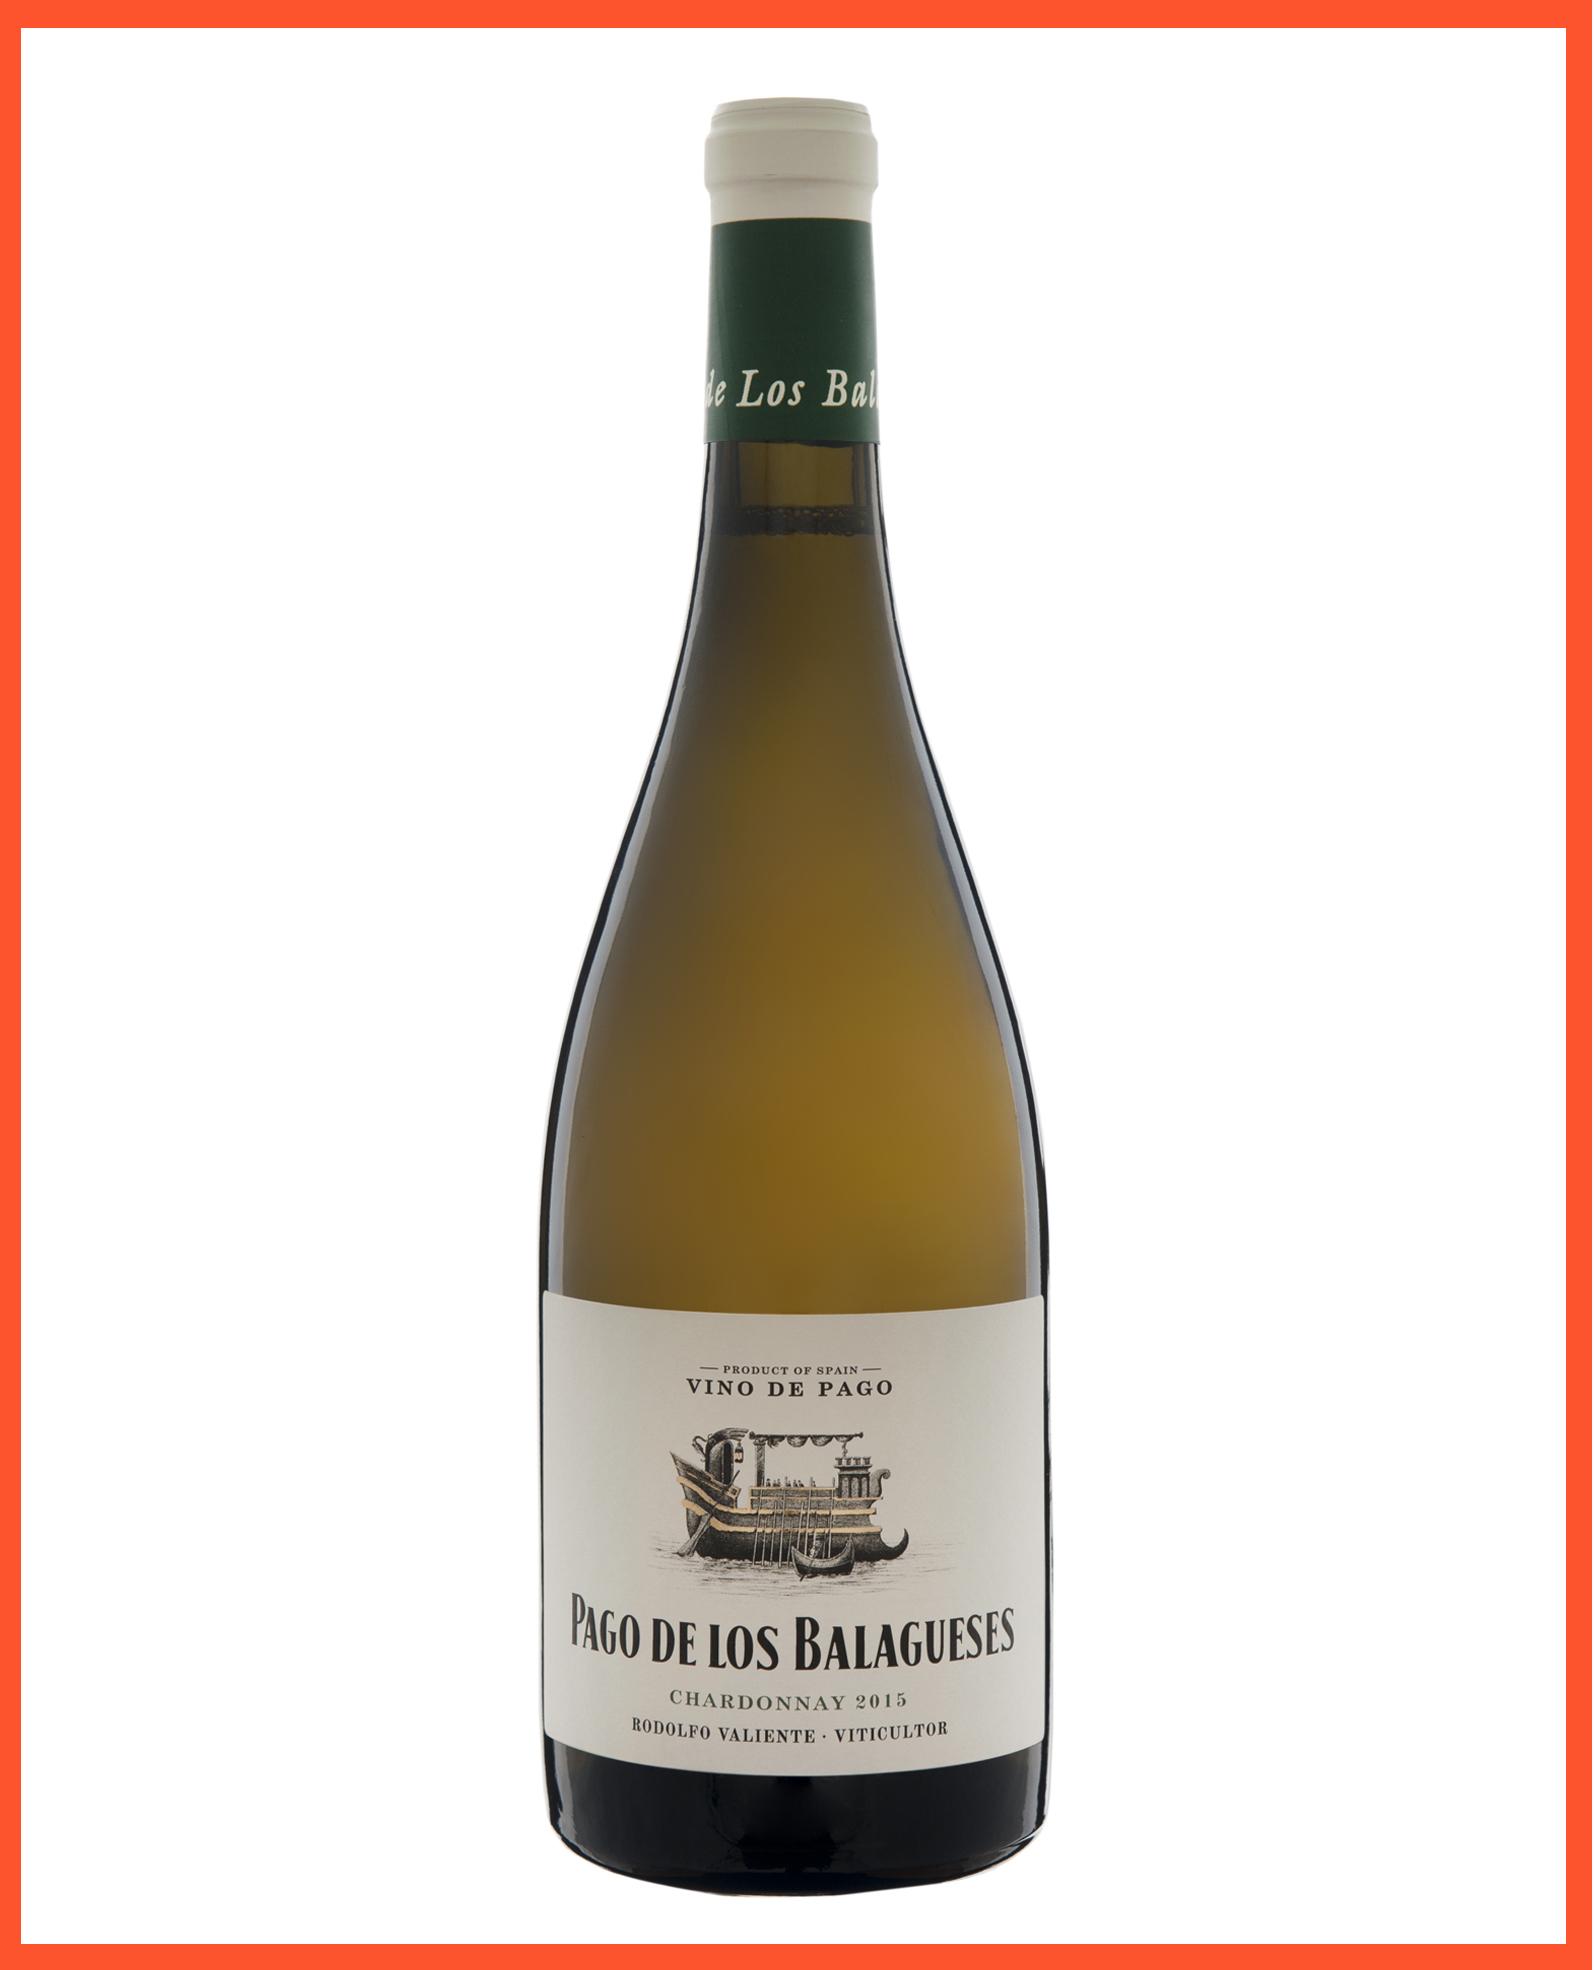 Pago de los Balagueses - Chardonnay